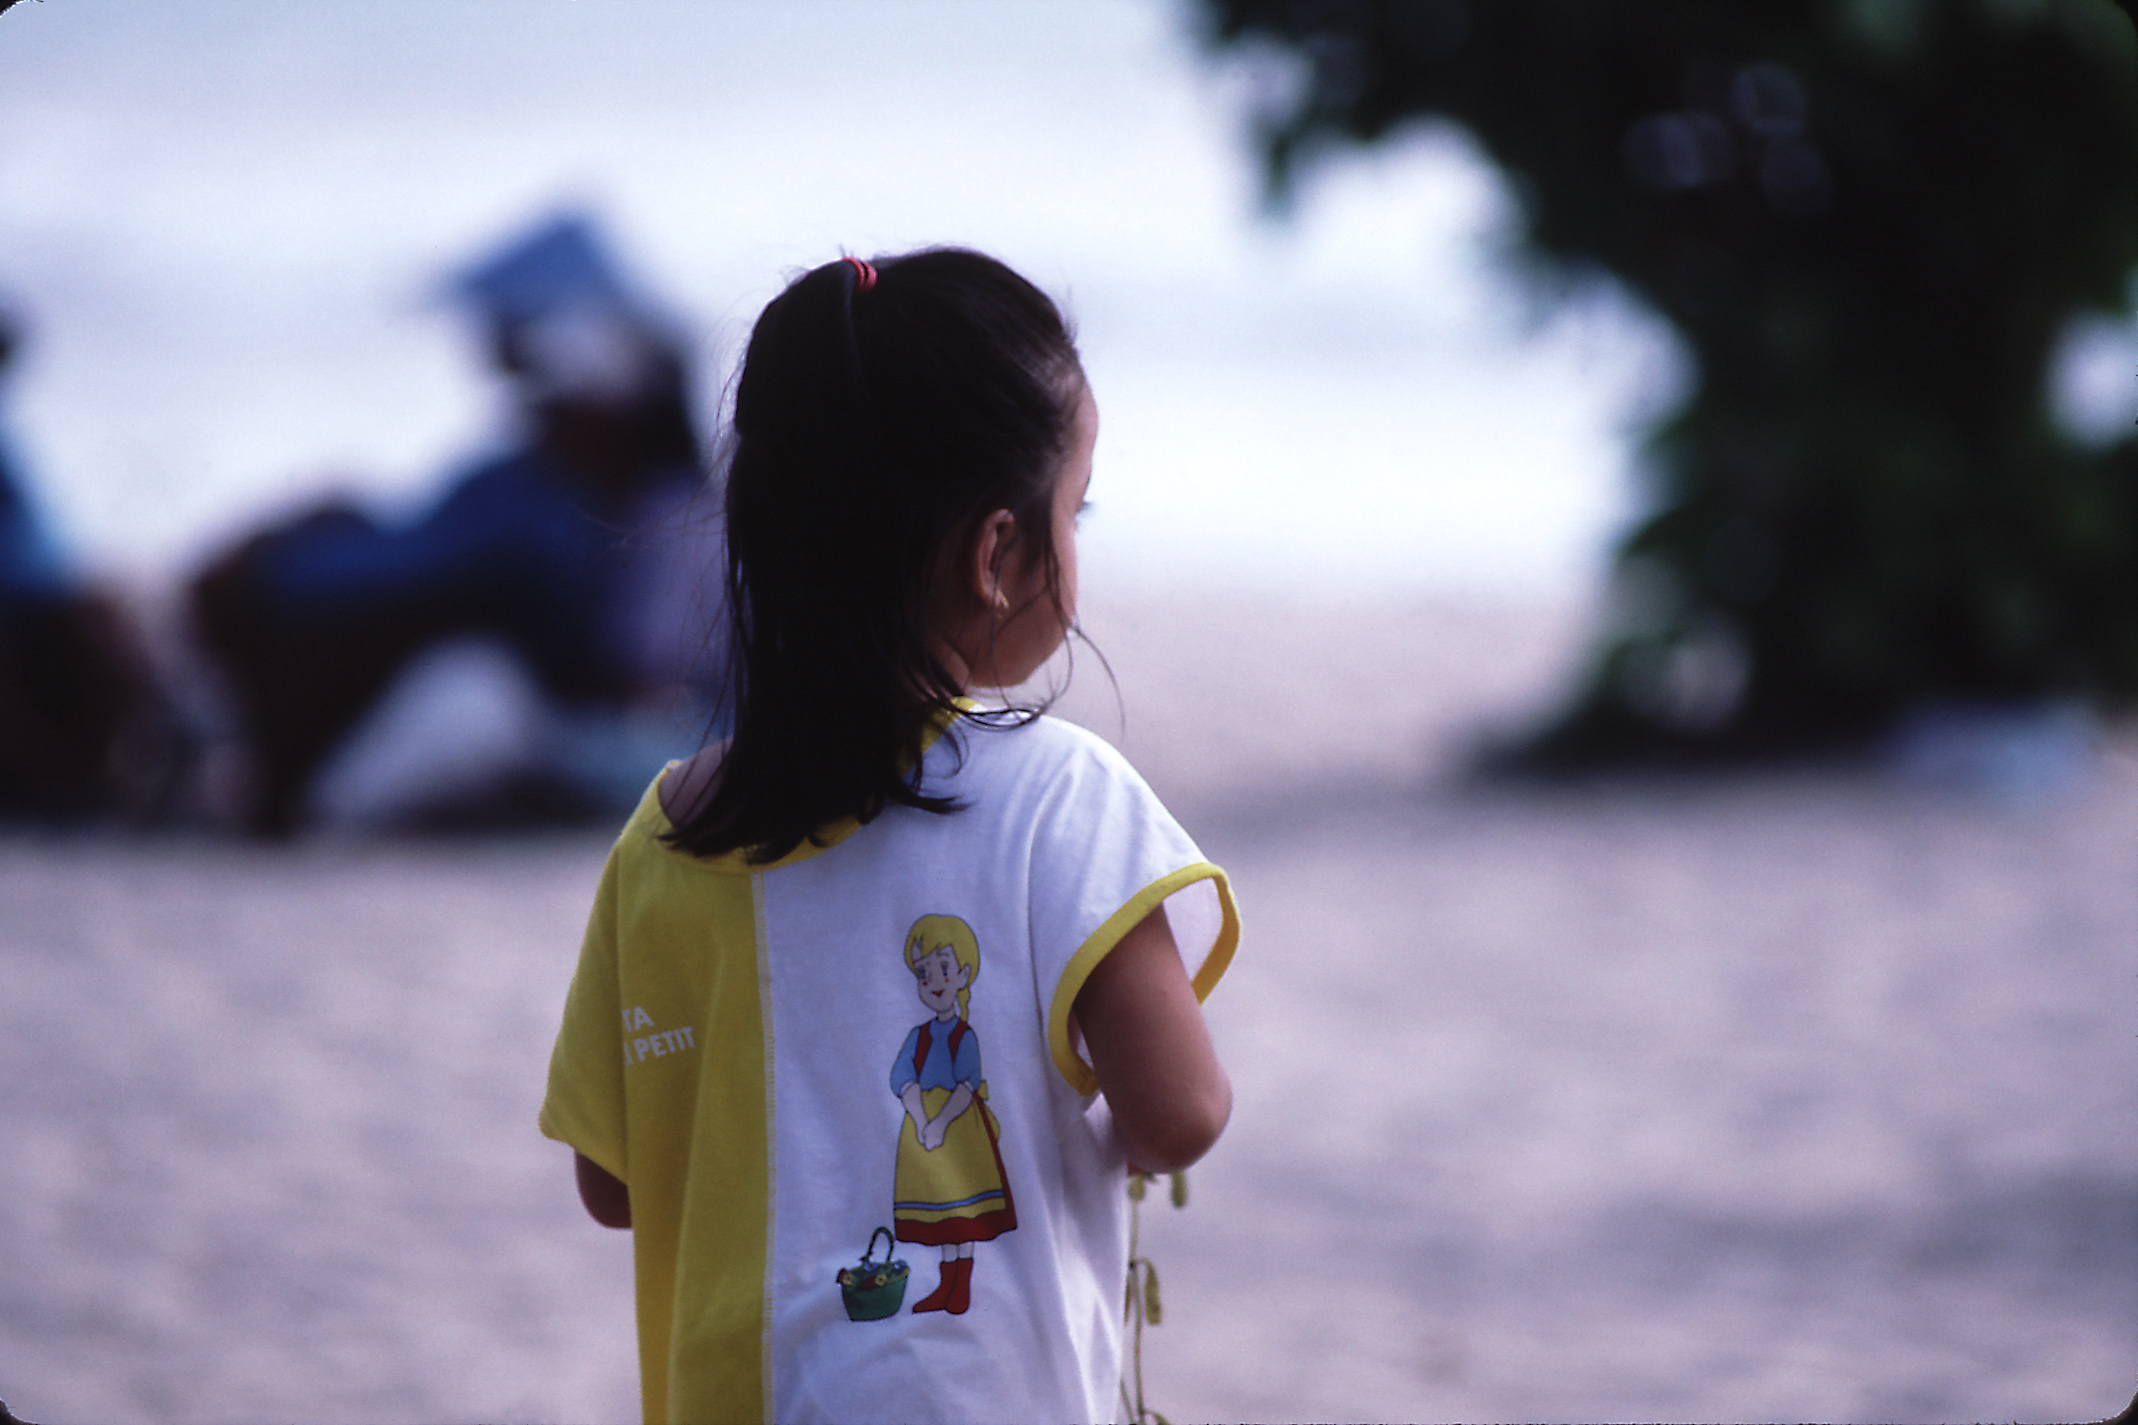 幼児連れ海外旅行の気がかり(2)迷子、事故